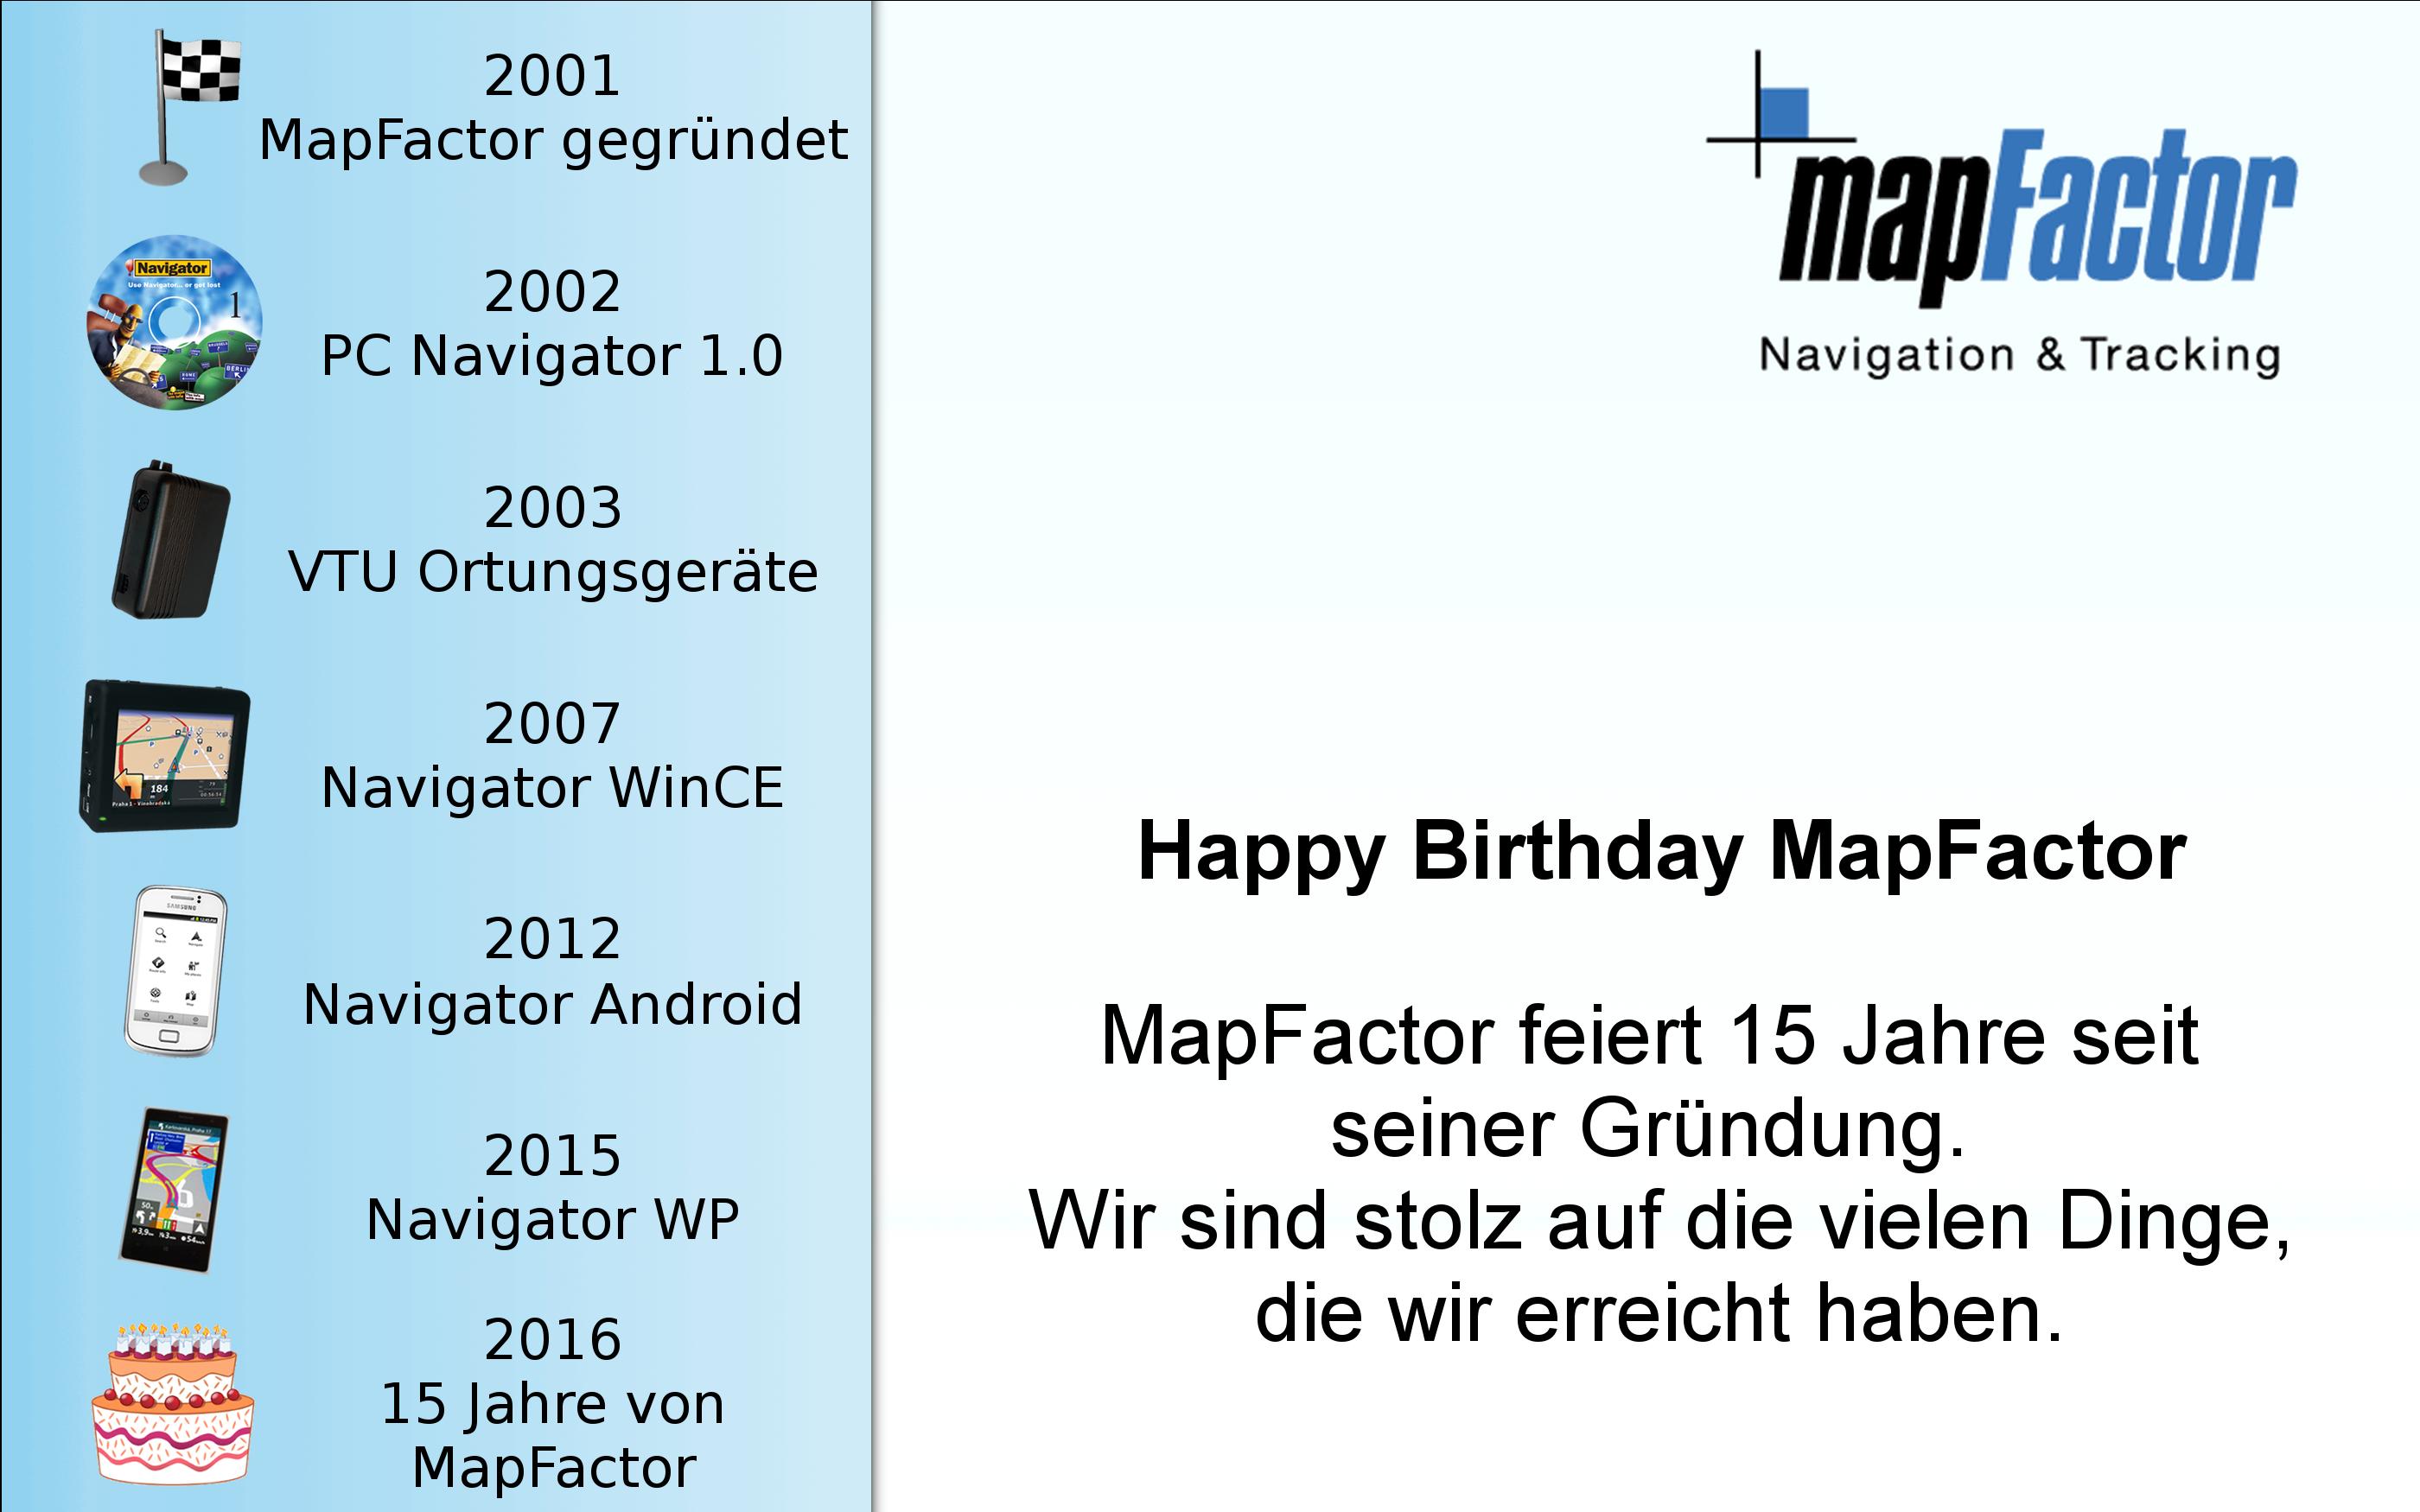 15 Jahre seit MapFactor Gründung